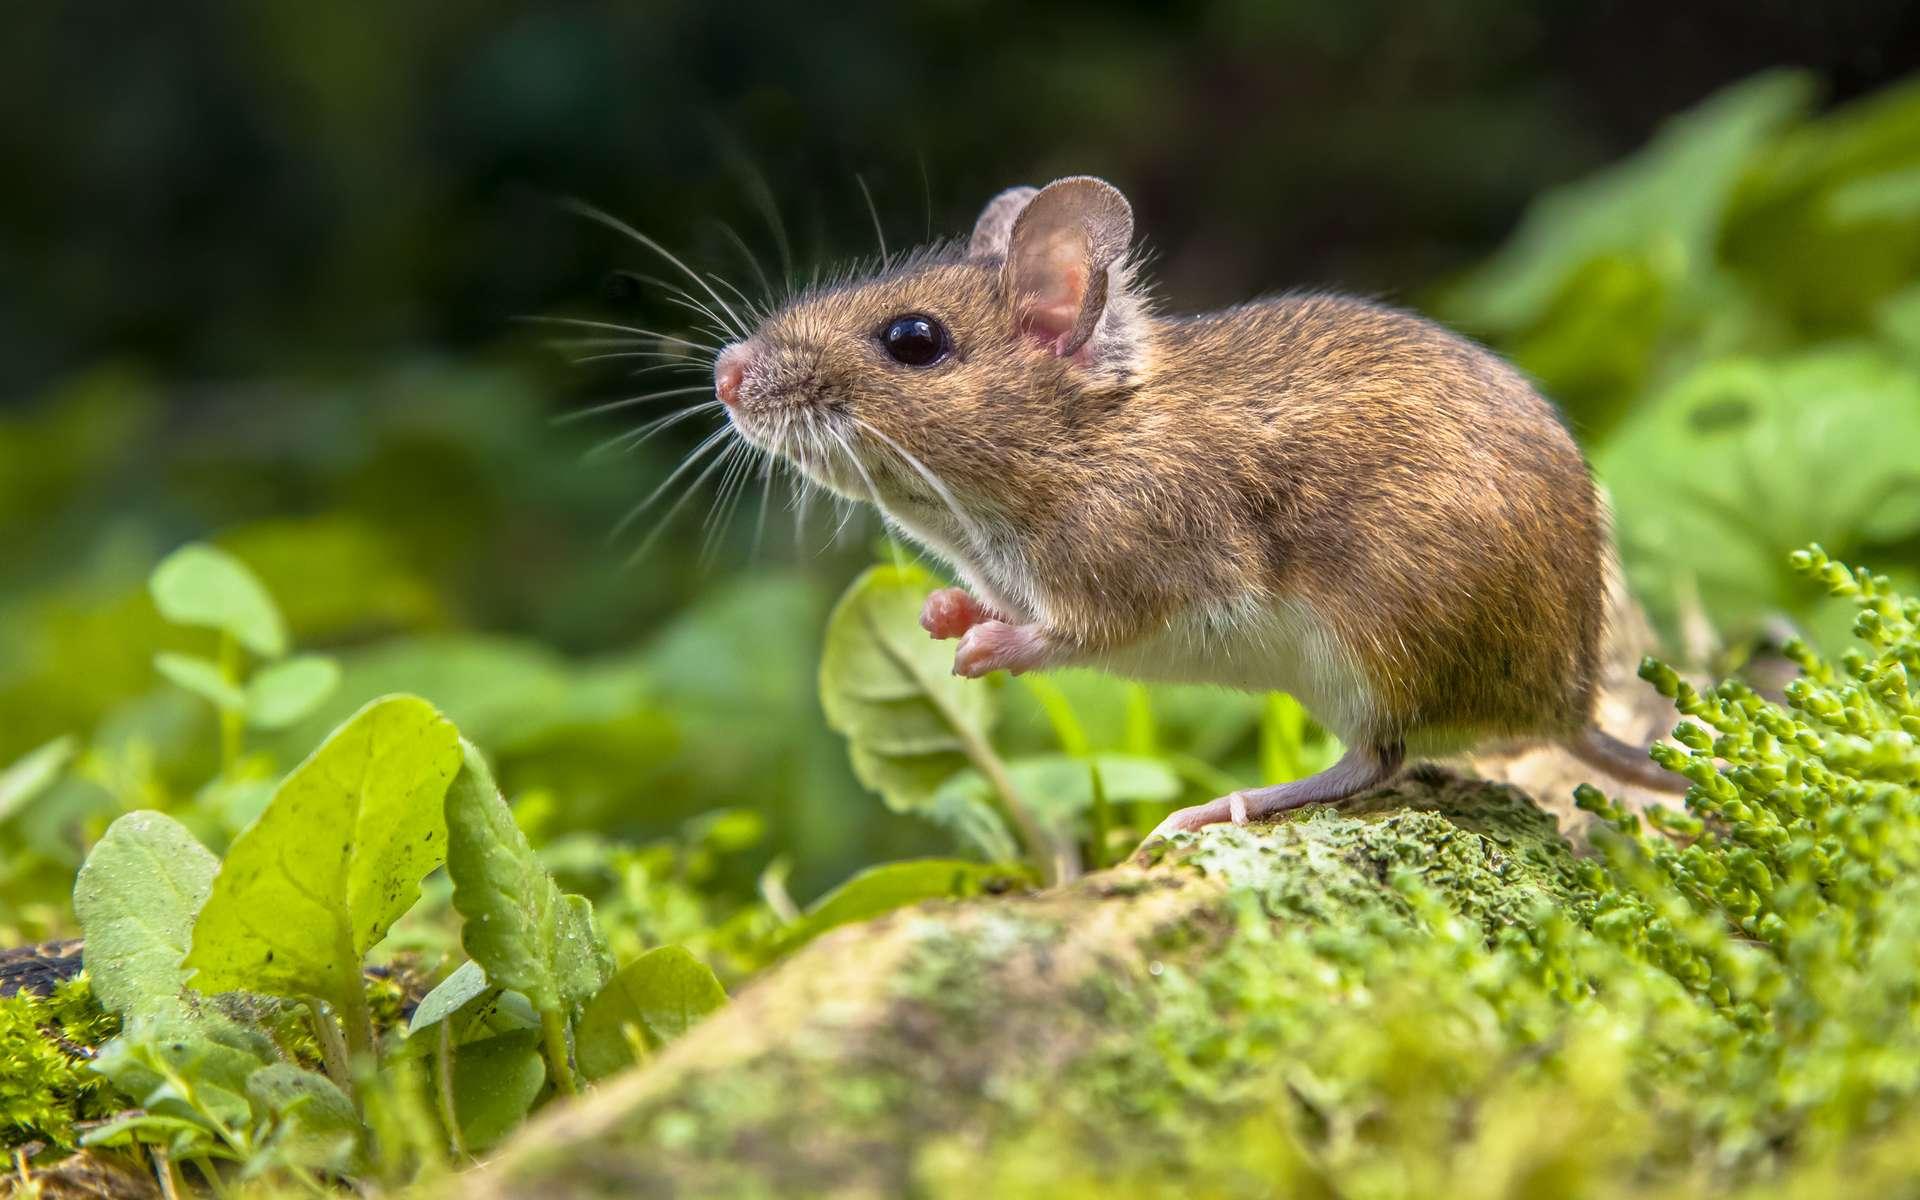 Les souris seraient capables de contrôler leurs impulsions de dopamine. © creativenature.nl, Adobe Stock